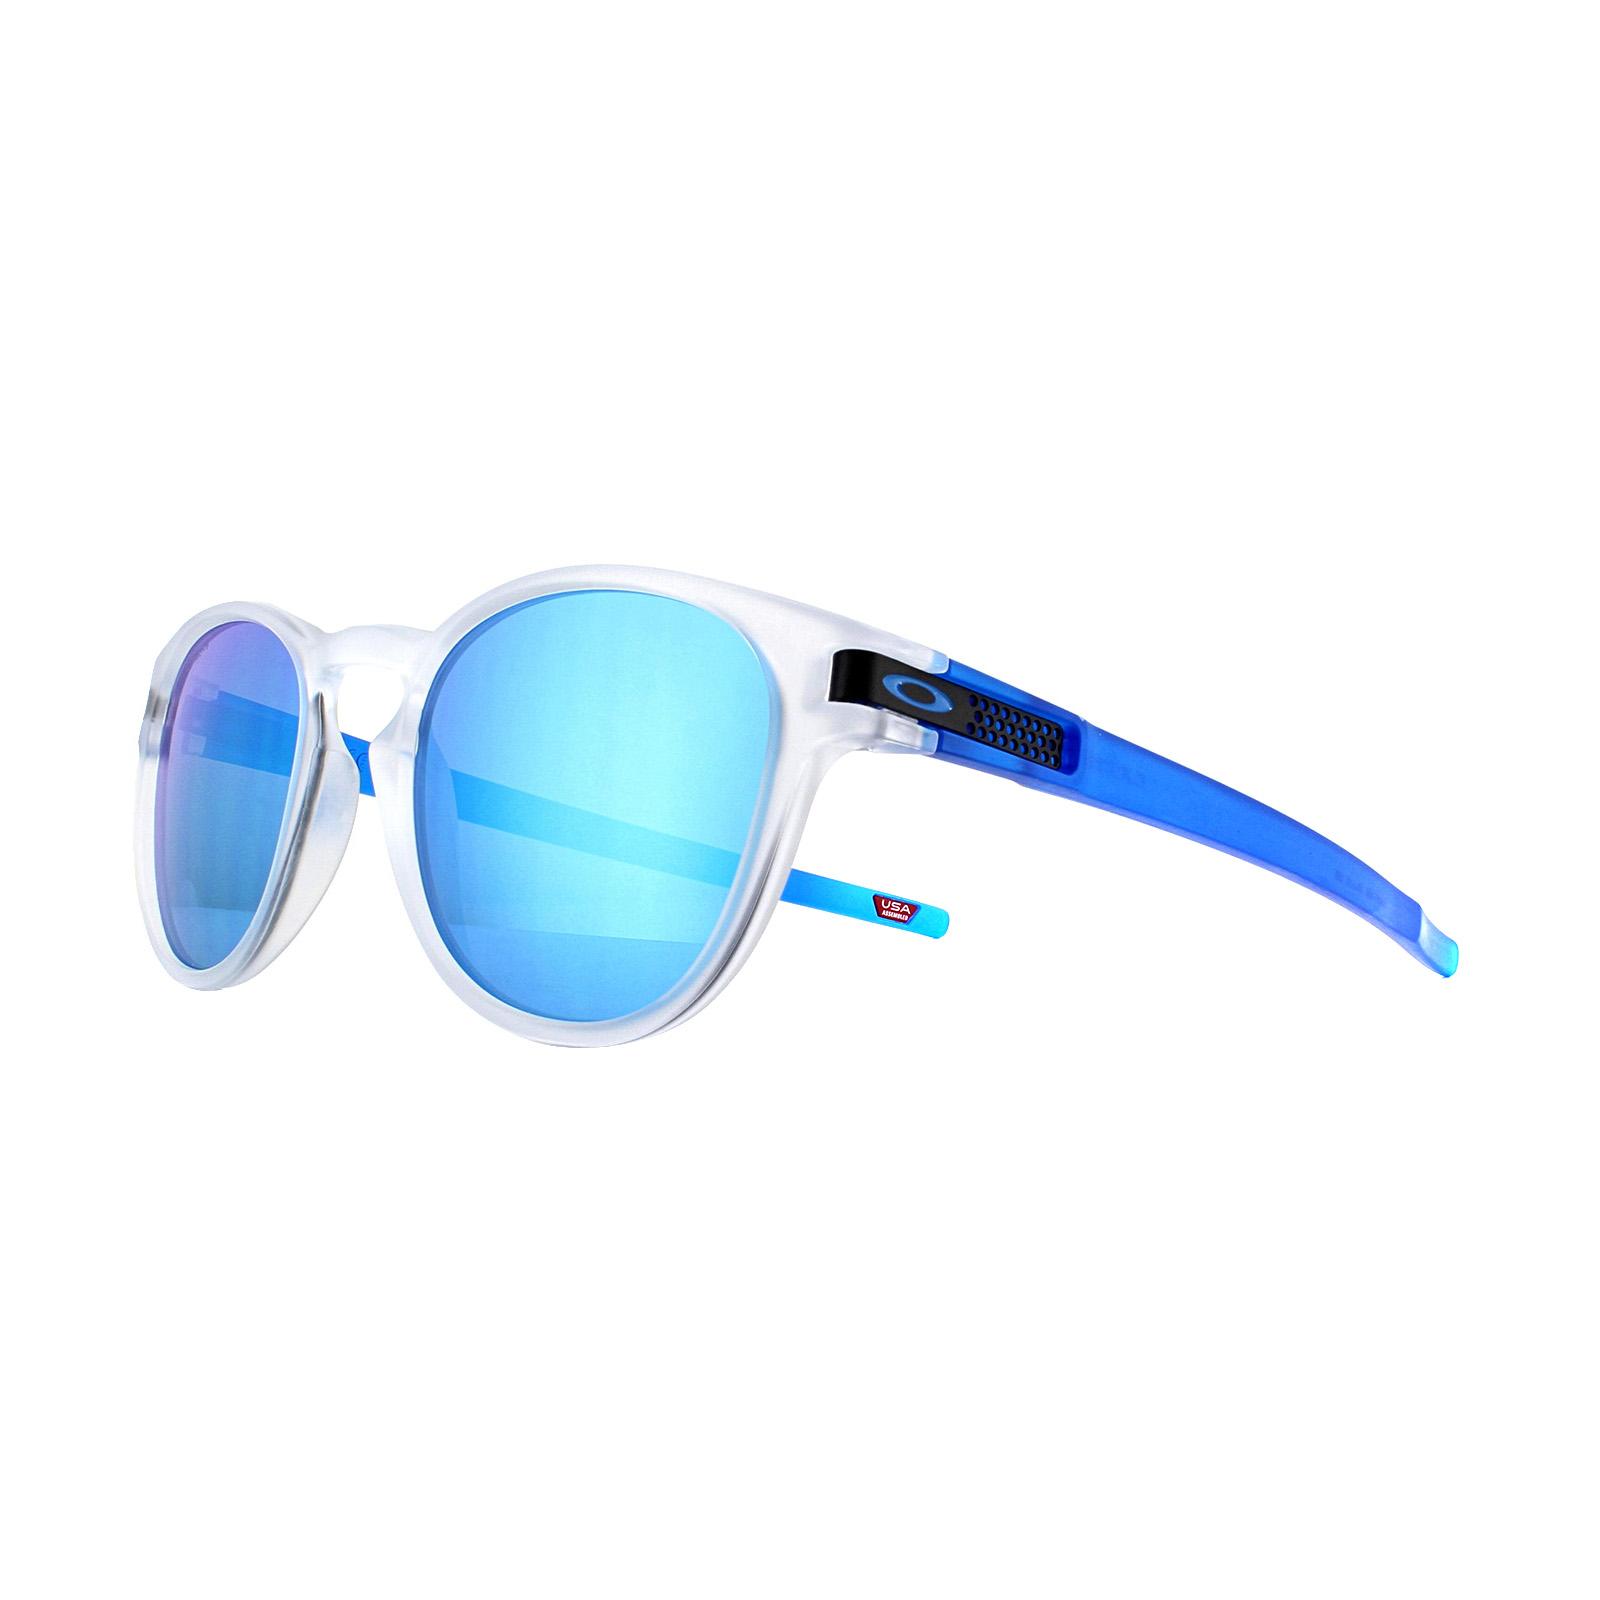 Prizm Título Zafiro Oo9265 Oakley Detalles Mostrar Mate De Pestillo Acerca Original Gafas Claro 48 Sol SUzVGpMq